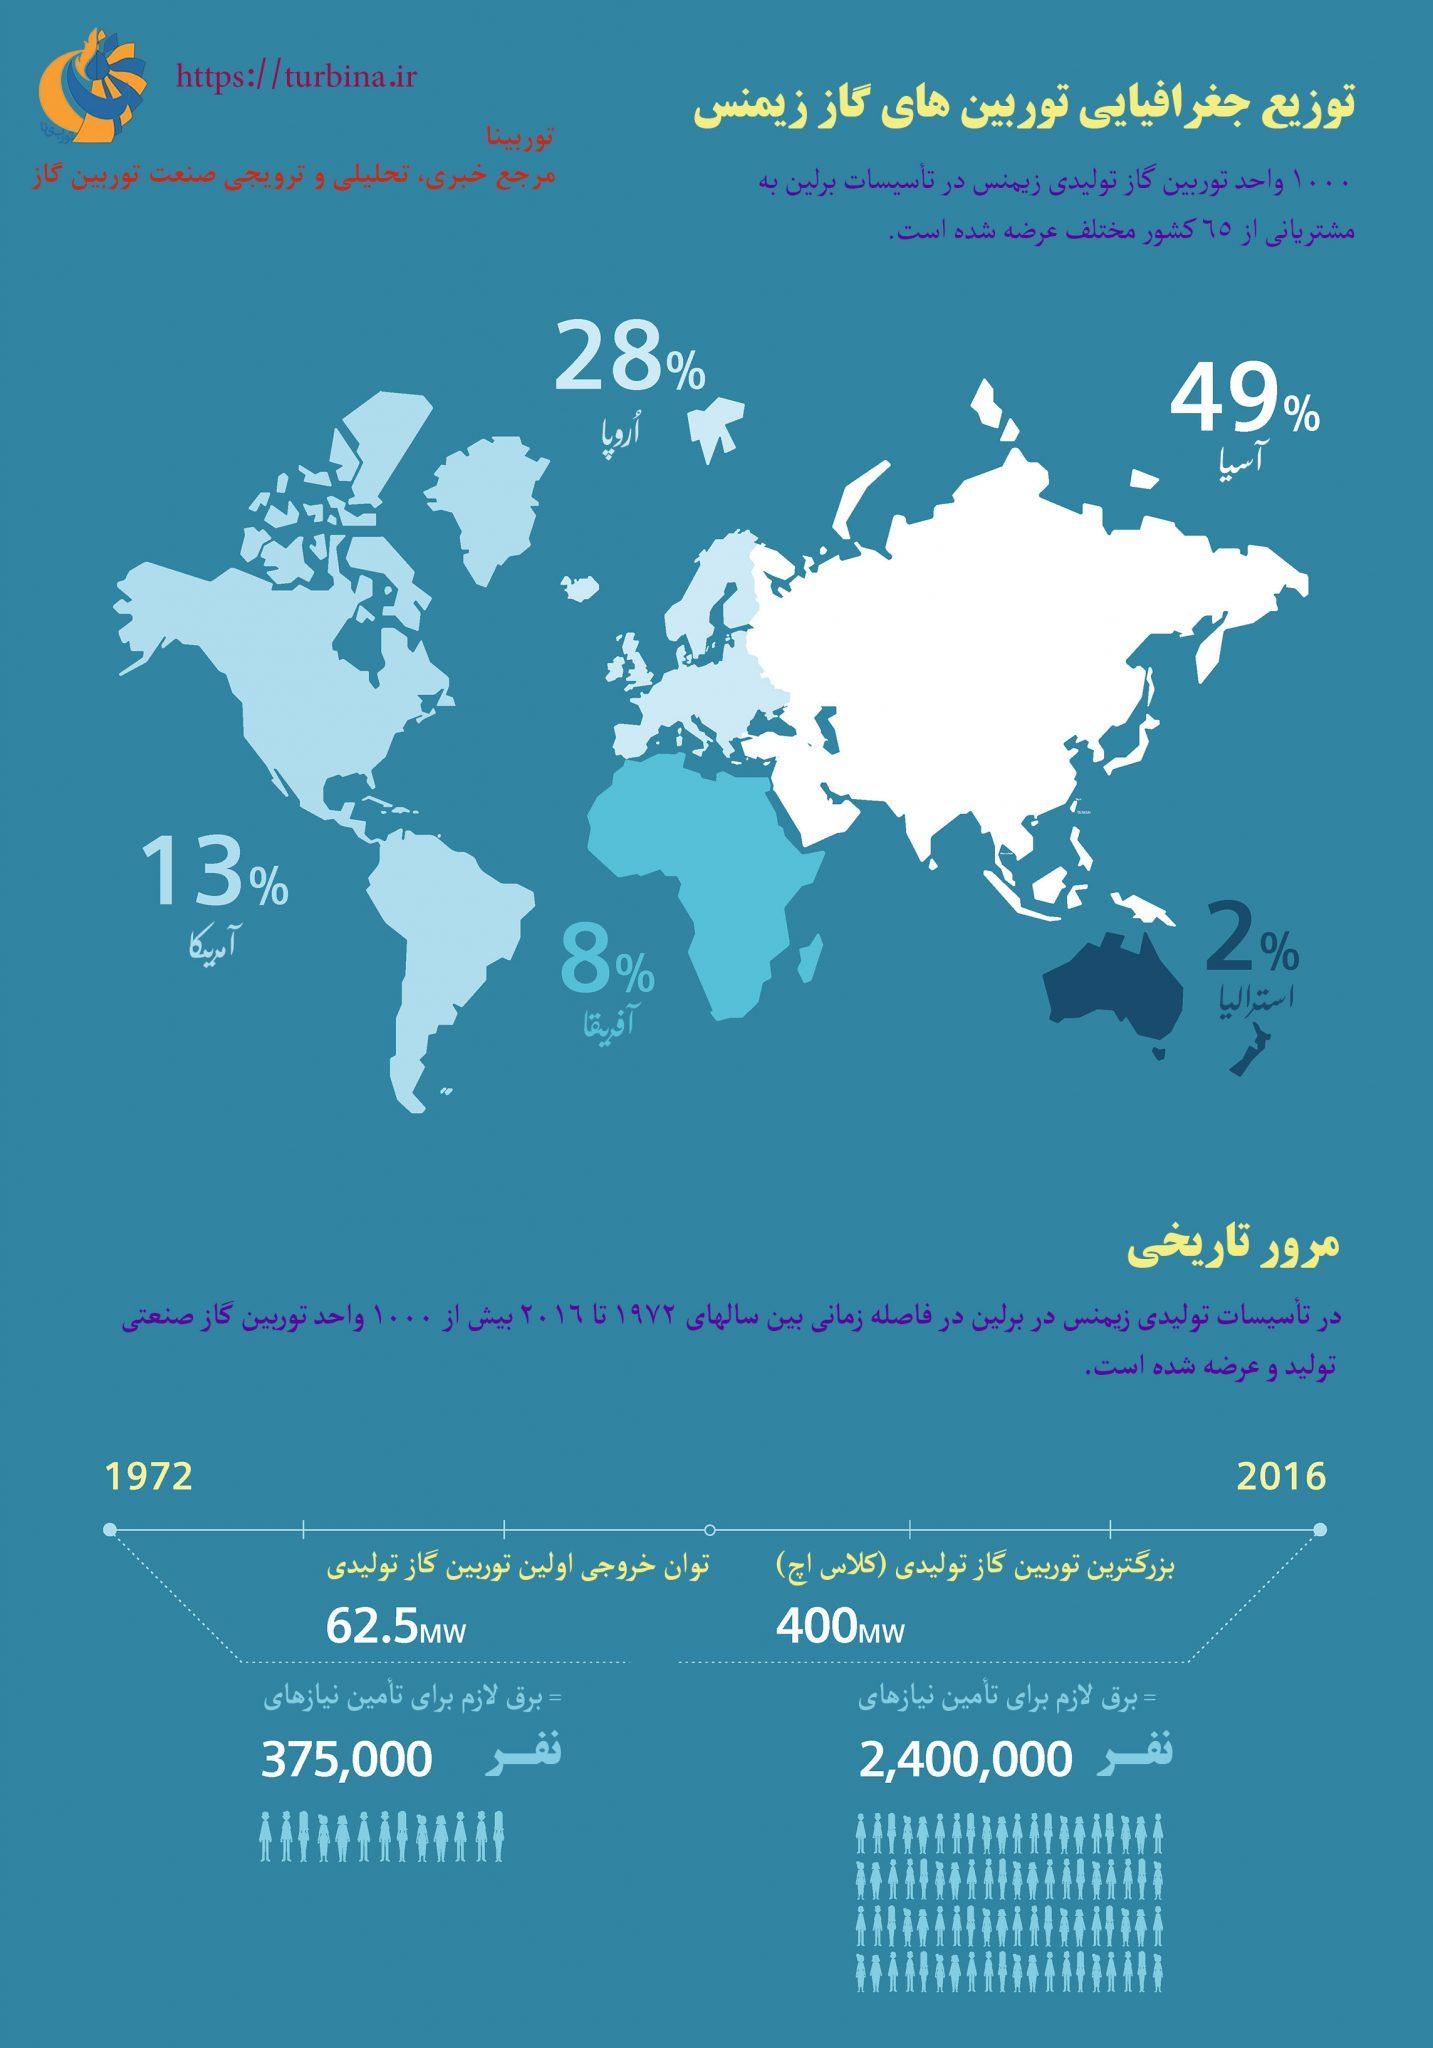 توزیع جغرافیایی توربینهای گاز زیمنس